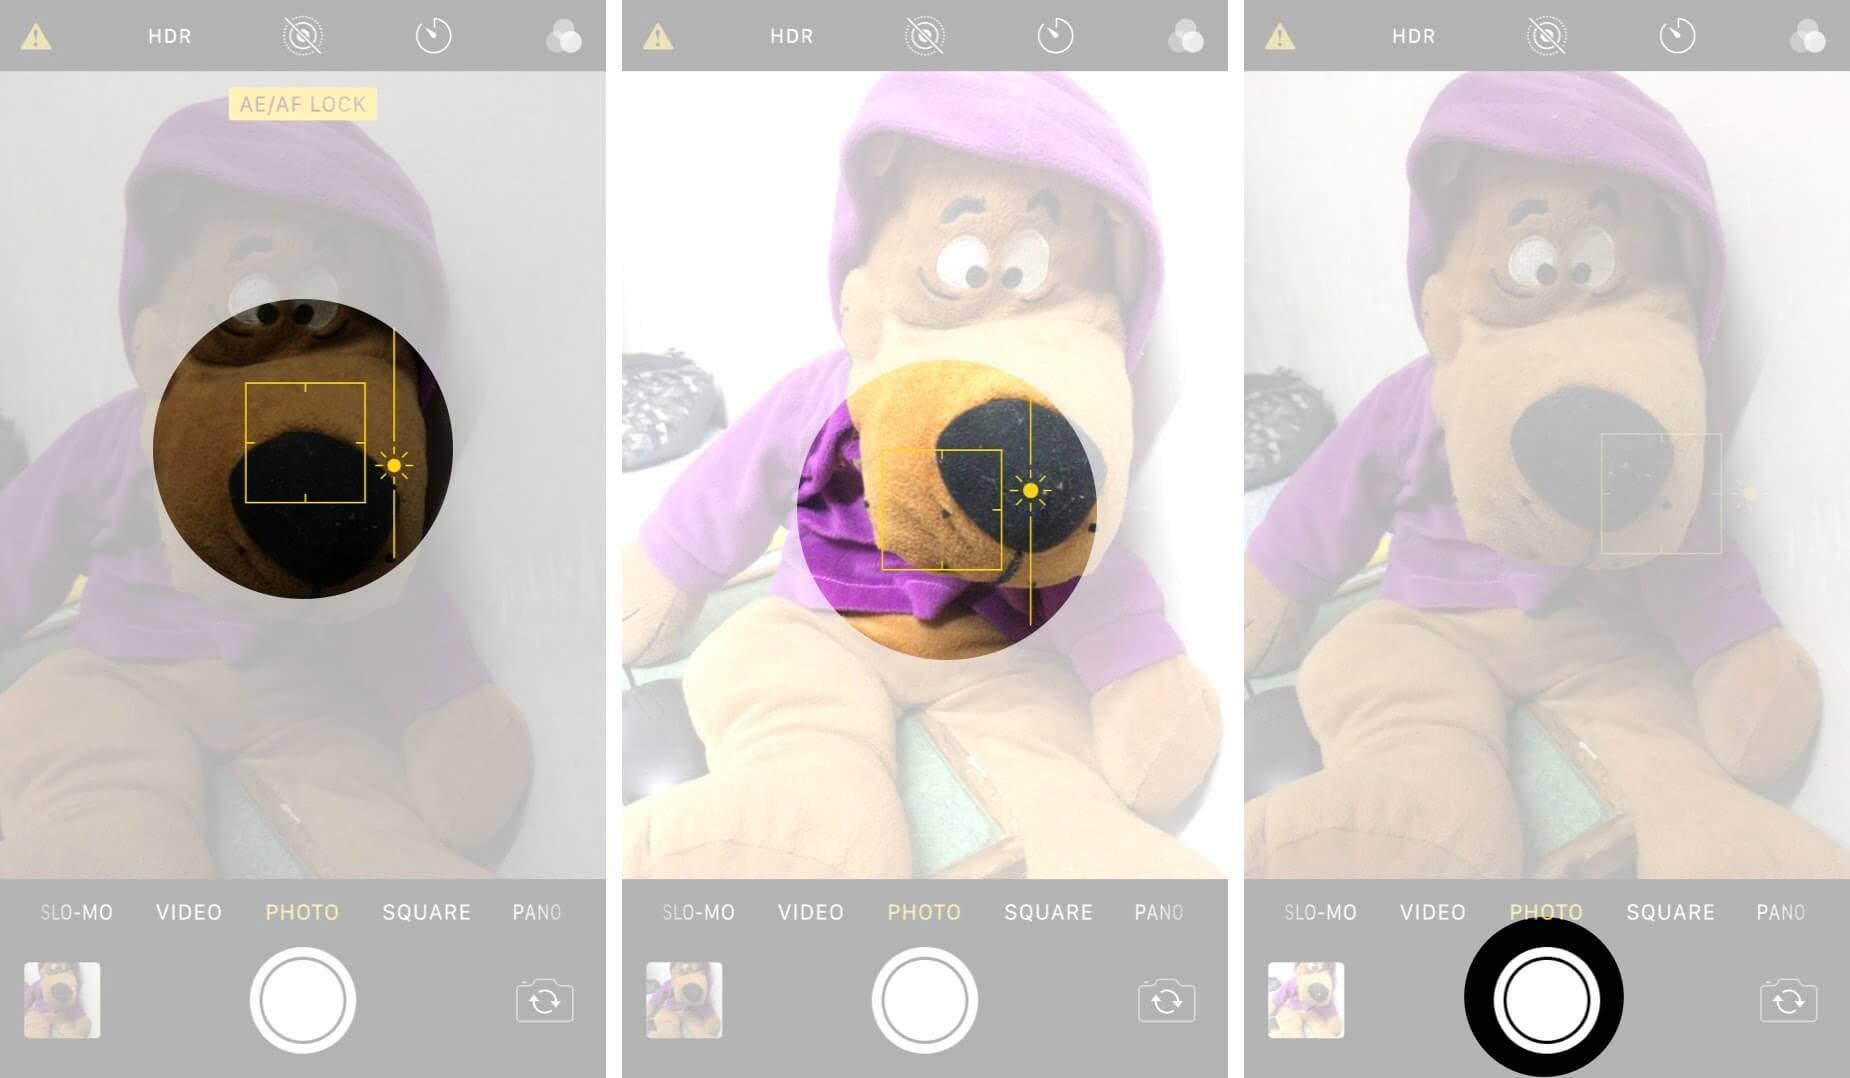 Adjust Exposure in iPhone Camera App